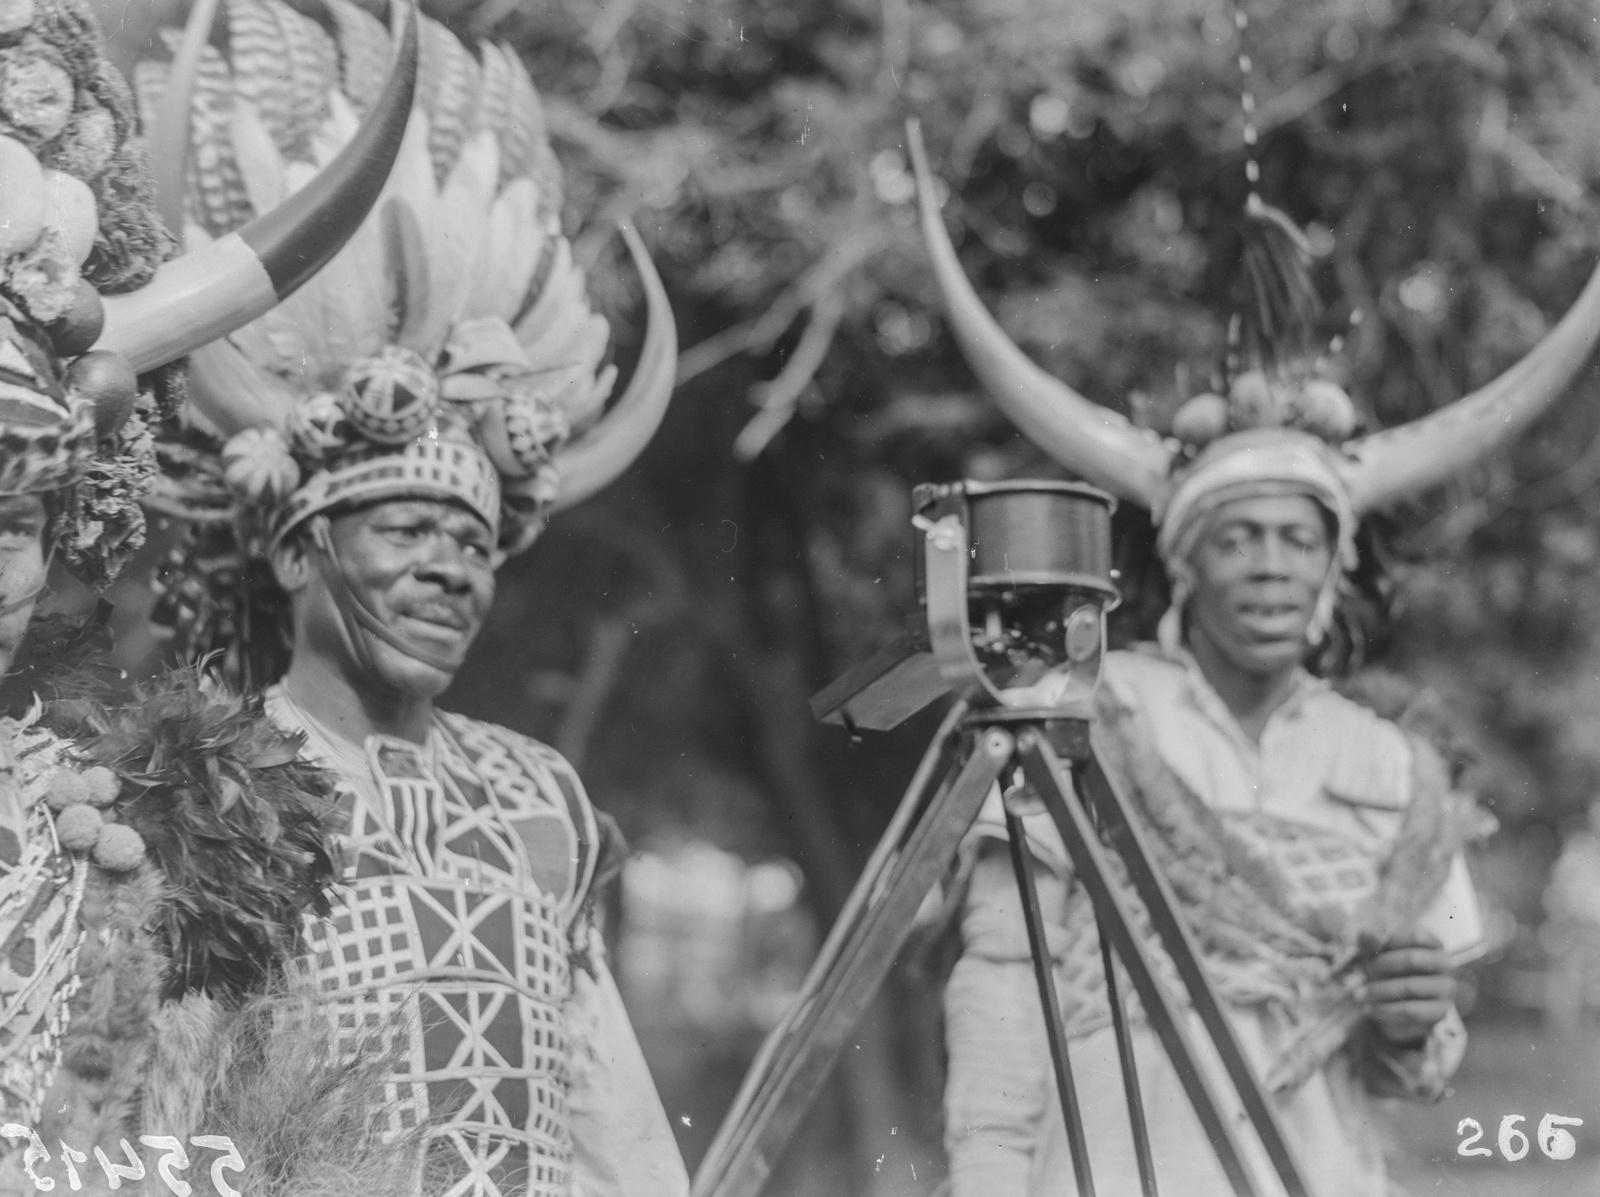 Южно-Африканский Союз. Дурбан. Зулу в традиционной одежде перед микрофоном